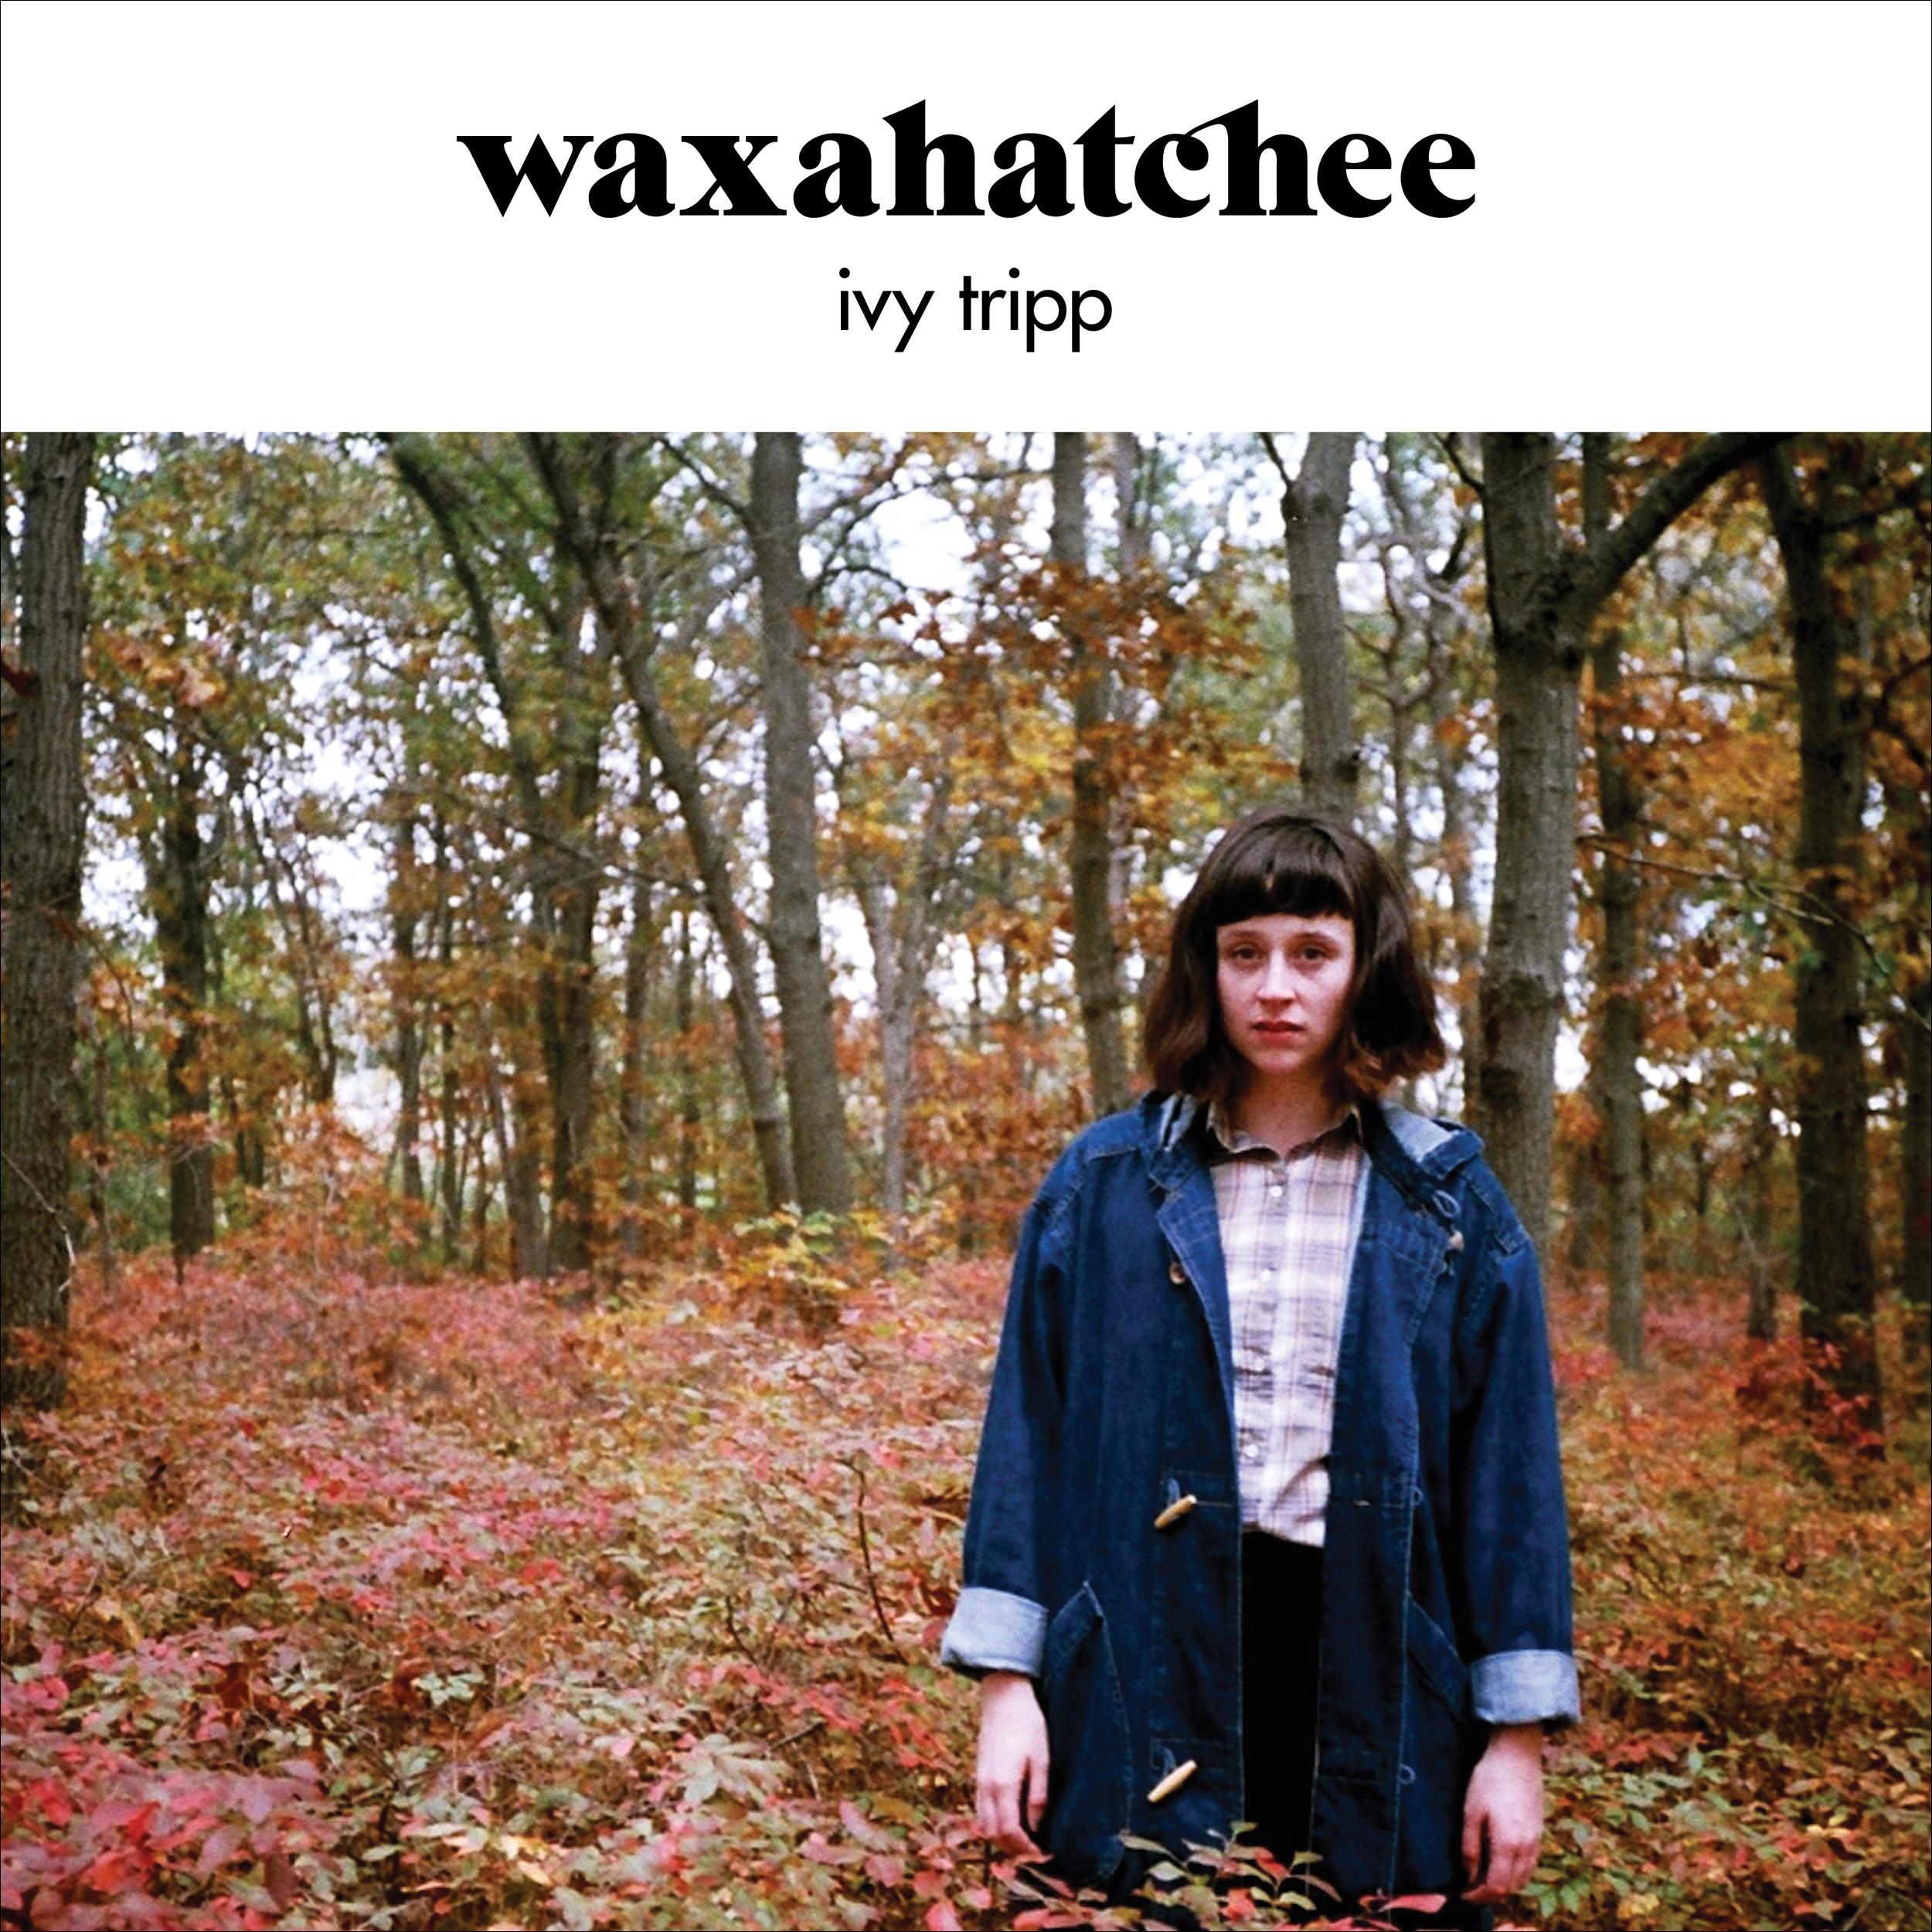 waxahatchee_ivy_trip